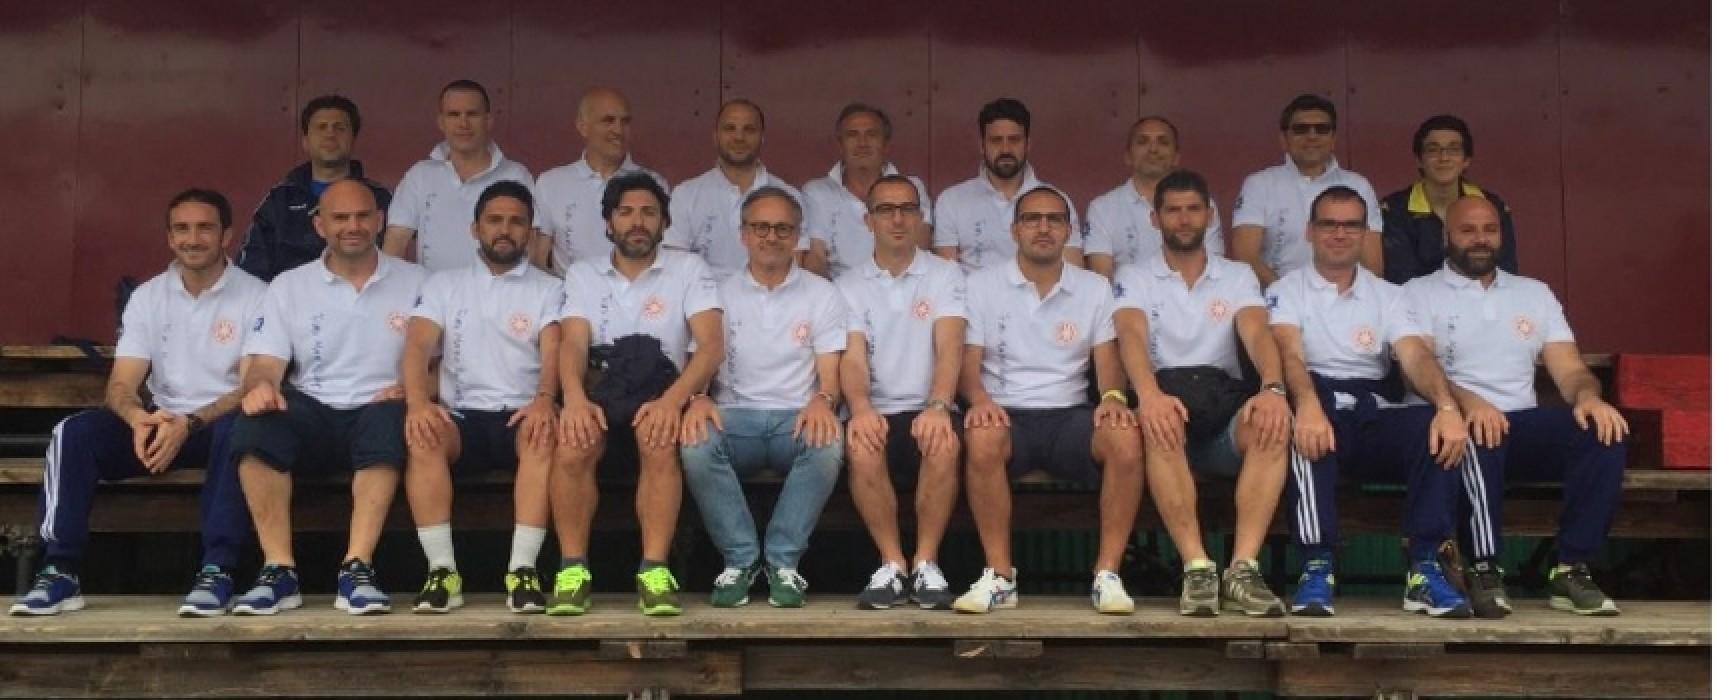 Trani alla final four del campionato Commercialisti ed Esperti Contabili, 9 i biscegliesi in squadra